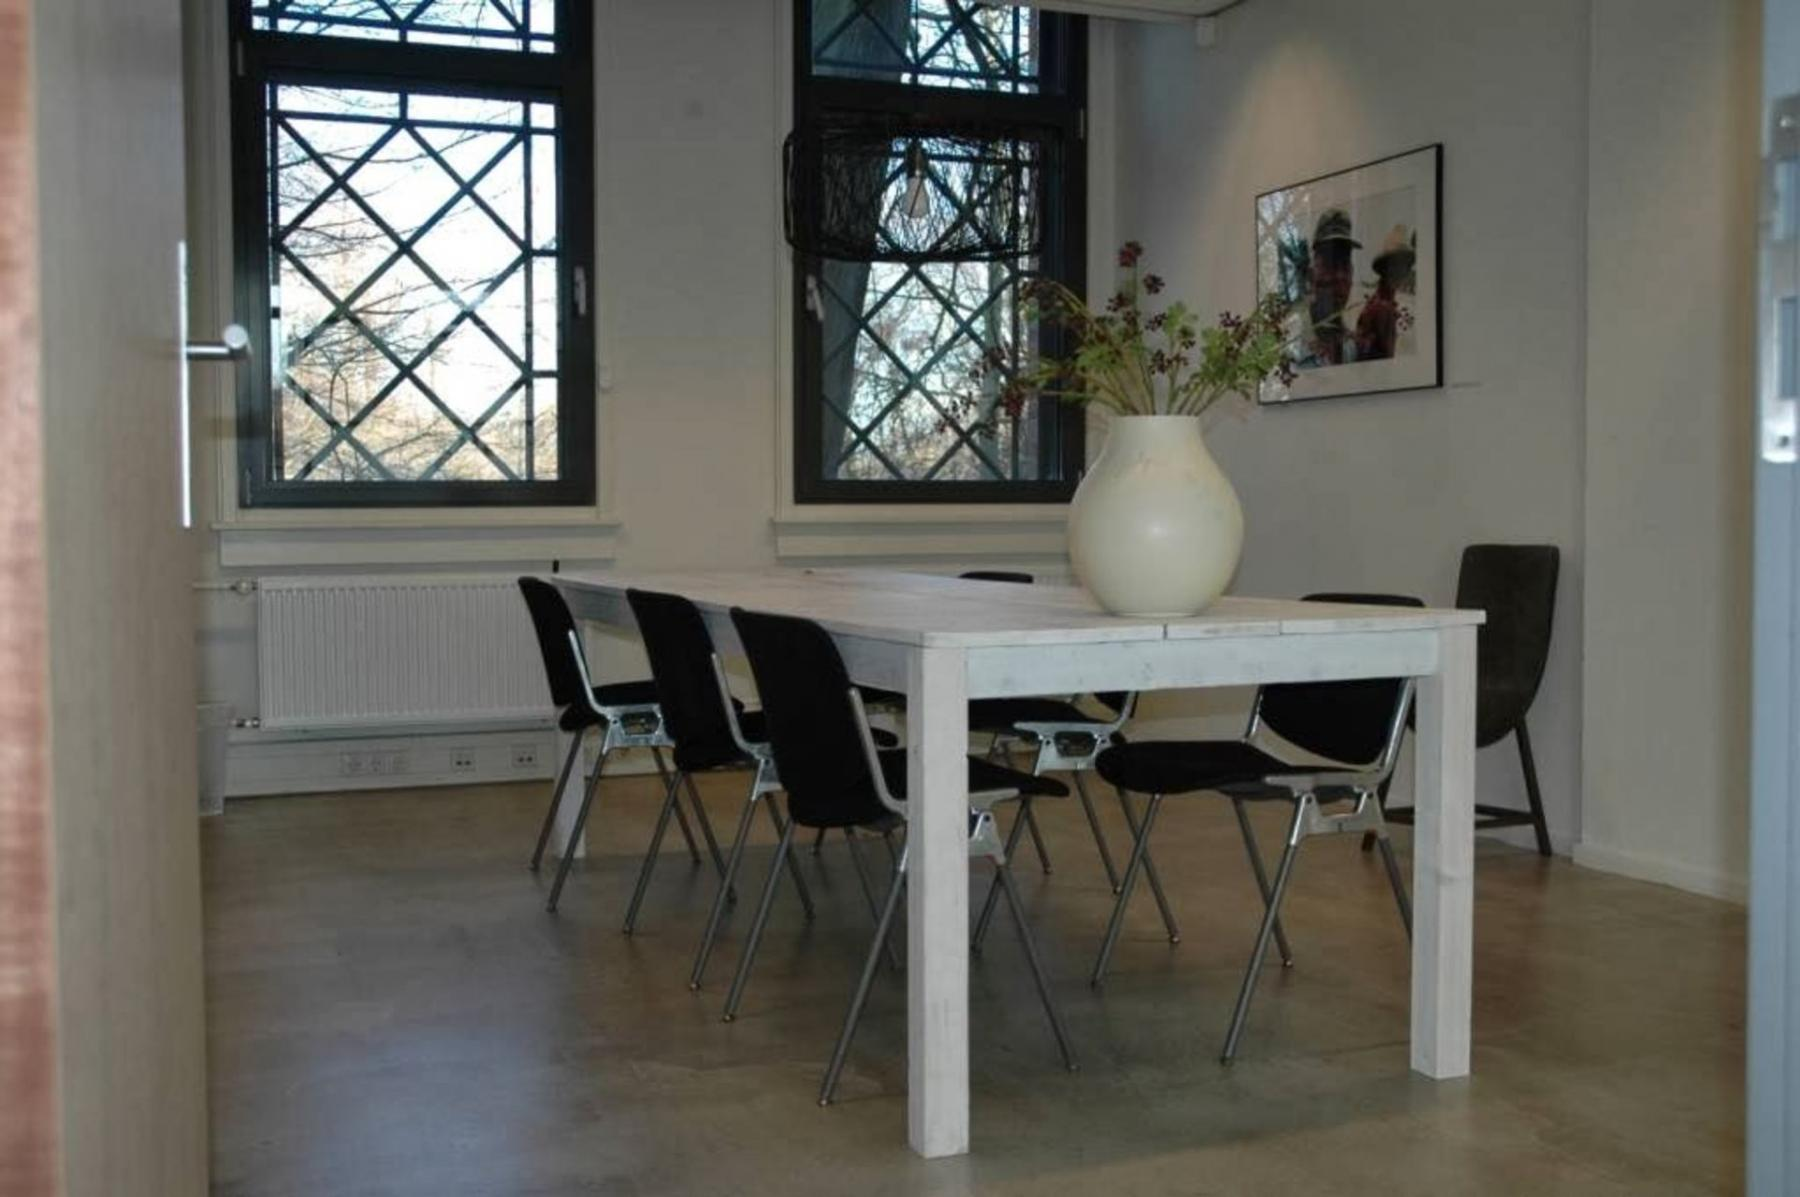 flexwerkplek te huur in schitterend kantoorpand Amsterdam